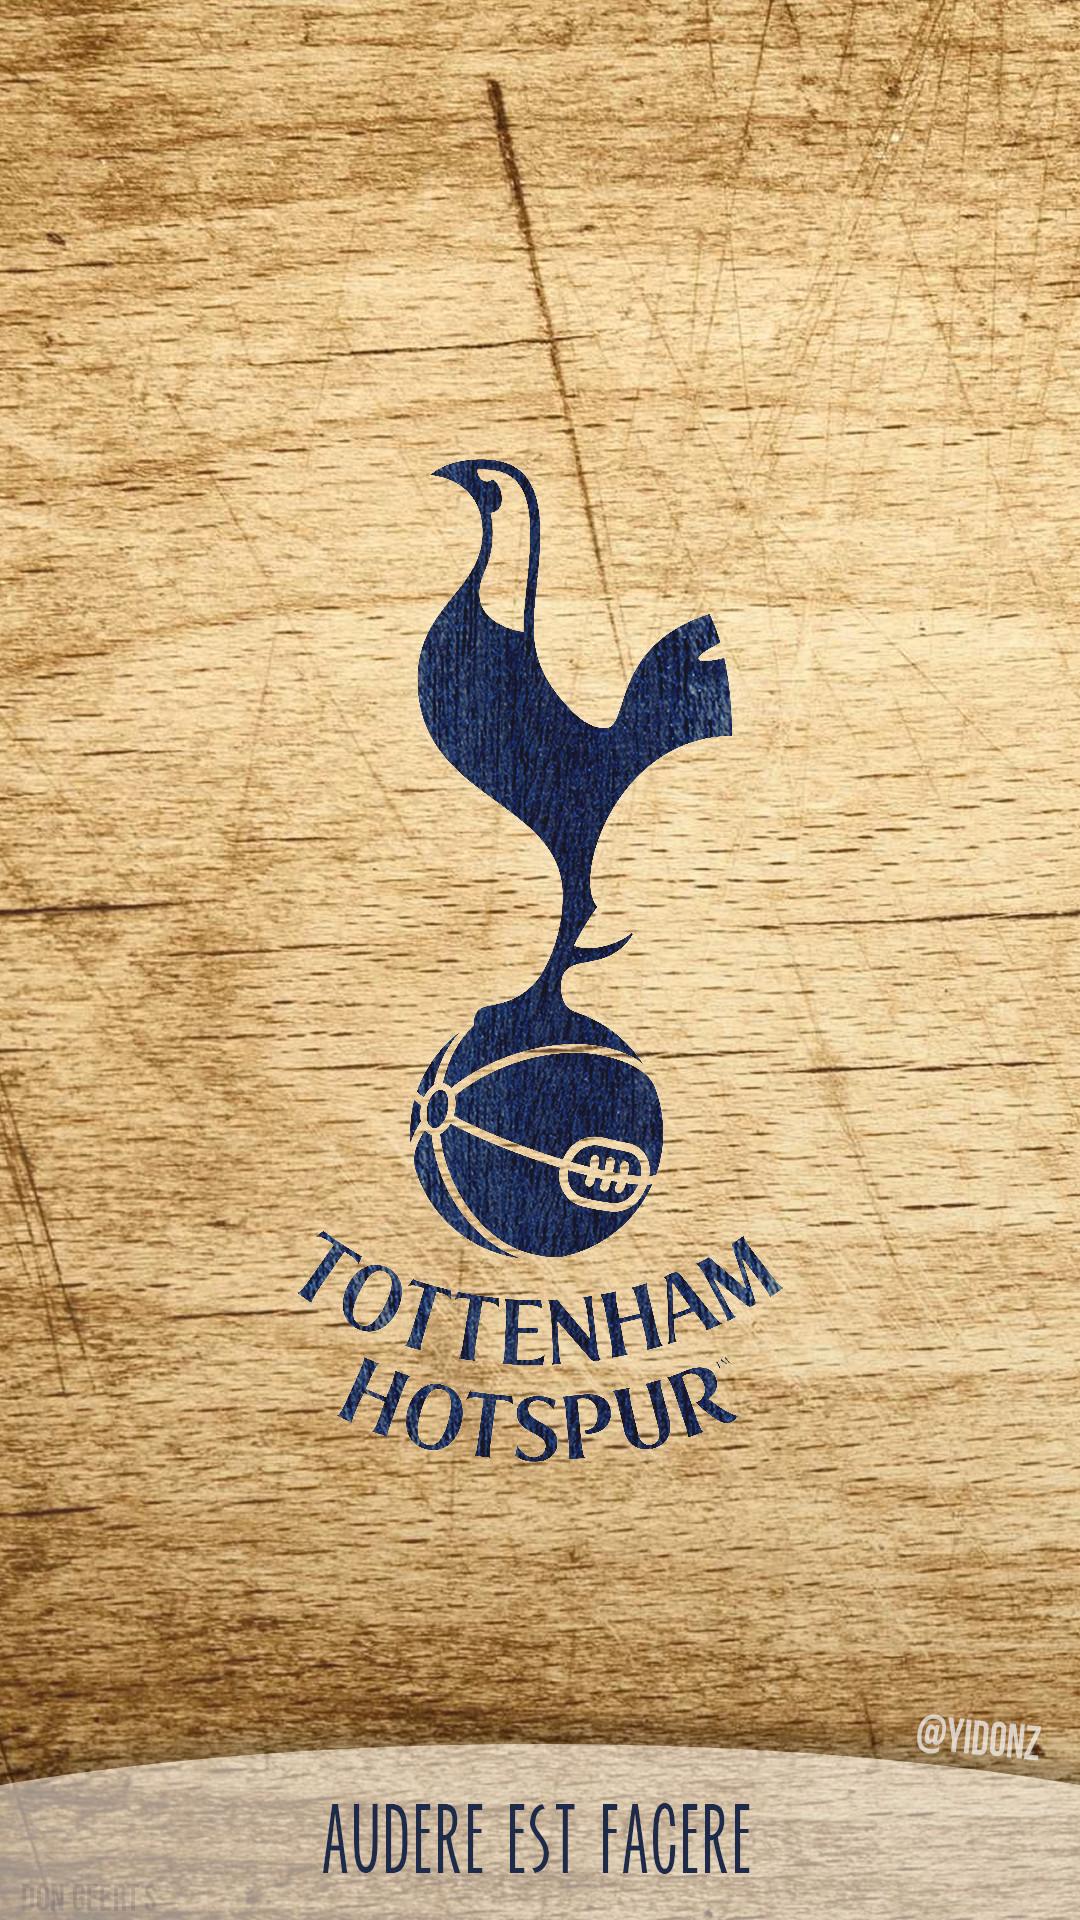 Spurs Iphone 5 Wallpaper Tottenham Hotspur Wallpapers 183 ①